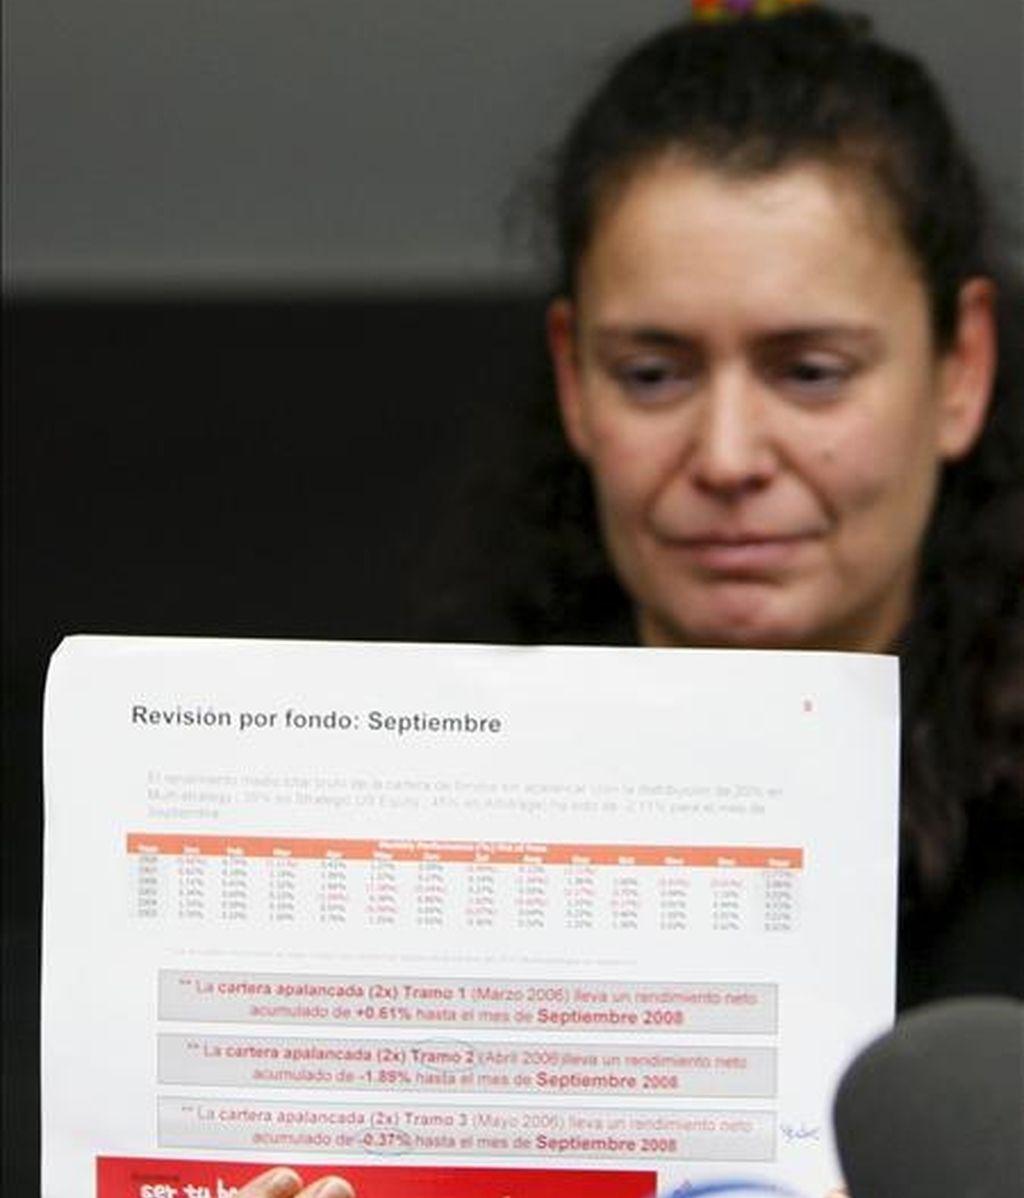 Una de las afectadas por el caso del financiero Bernard Madoff durante la presentación de la primera plataforma de perjudicados en el despacho de abogados Cremades & Calvo Sotelo, en Madrid, el pasado 27 de enero. EFE